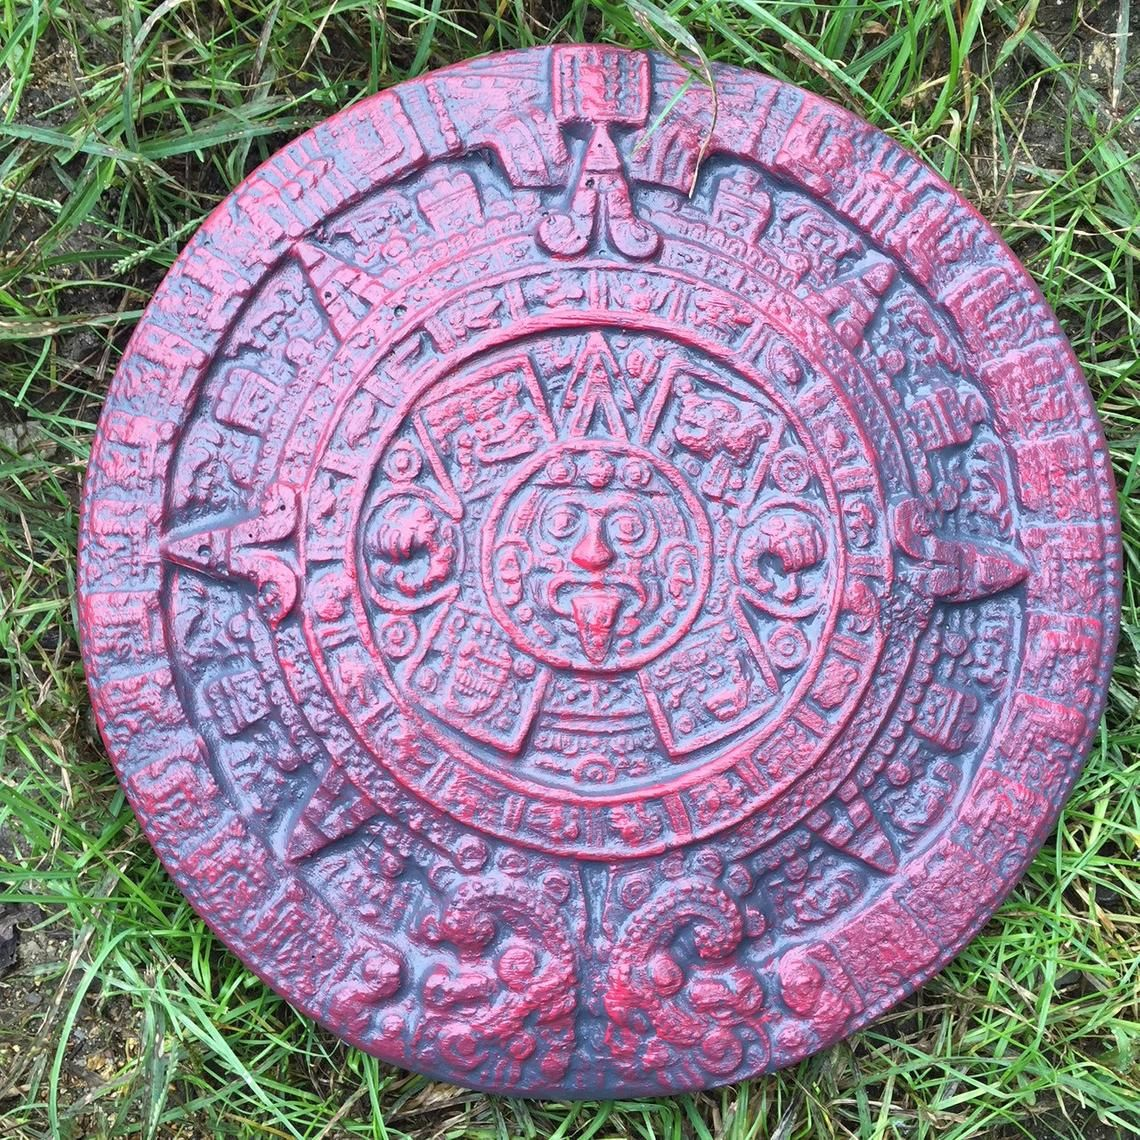 Aztec calendar stepping stone mold concrete cement garden